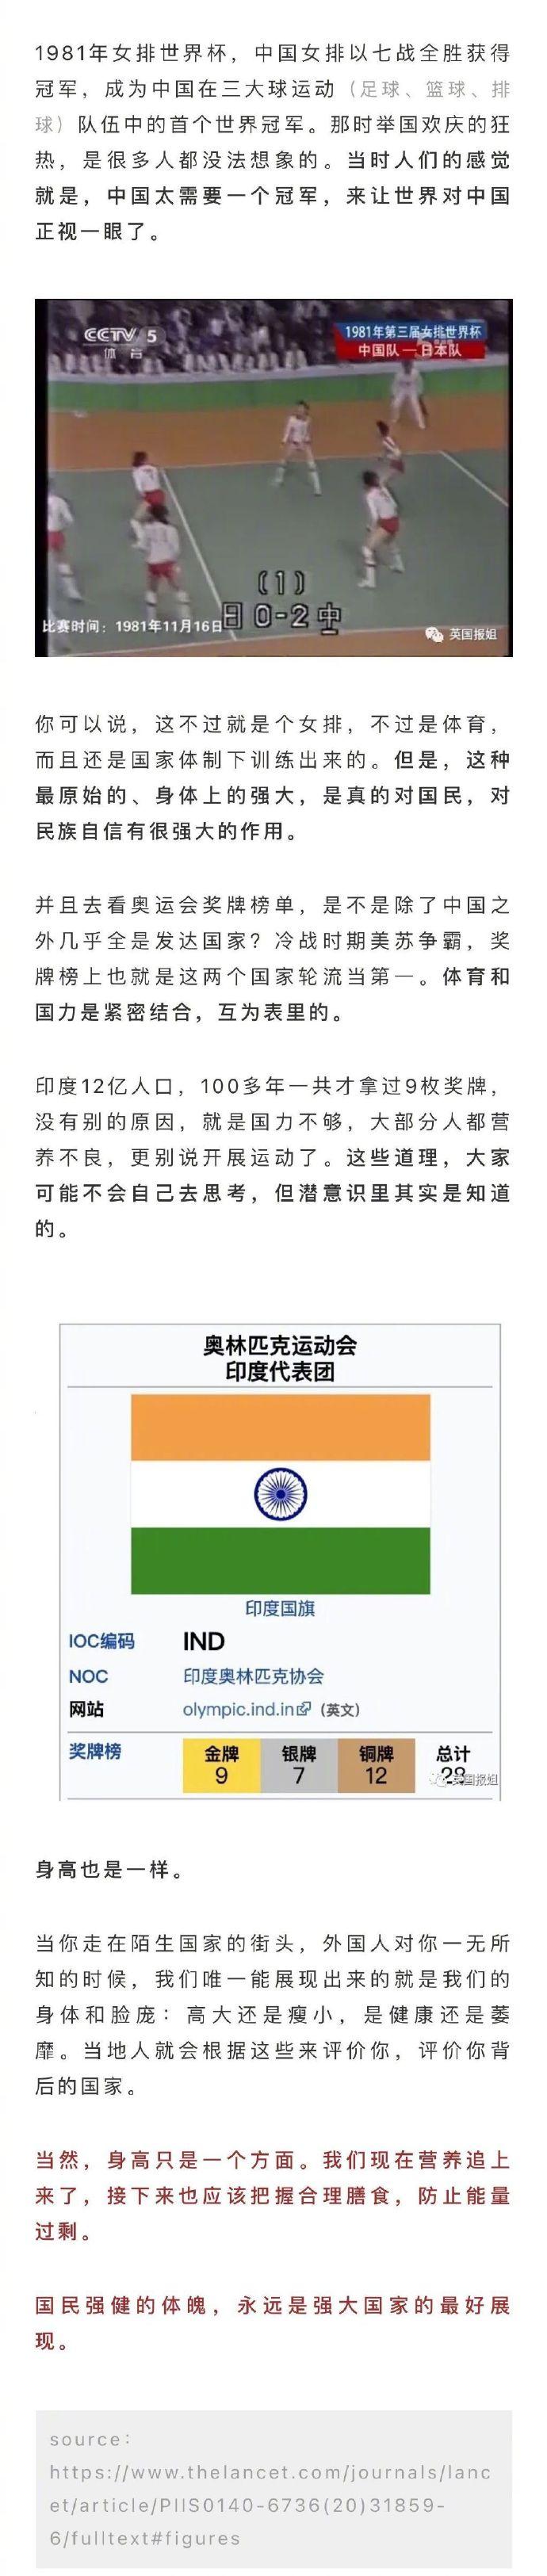 根据柳叶刀最近的调查,中国第一批00后的平均身高达到了东亚第一